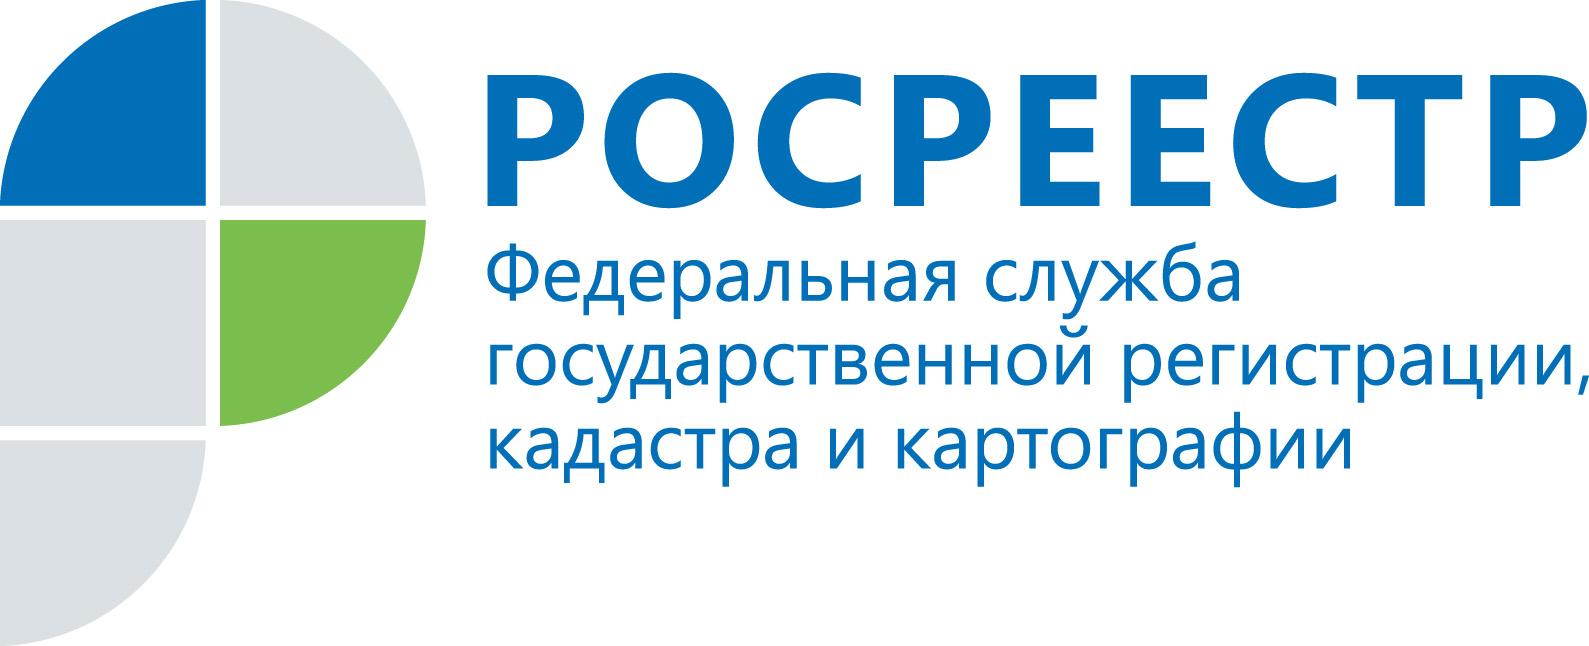 """Портал """"Жилищно-коммунальное хозяйство (ЖКХ) России&quot"""